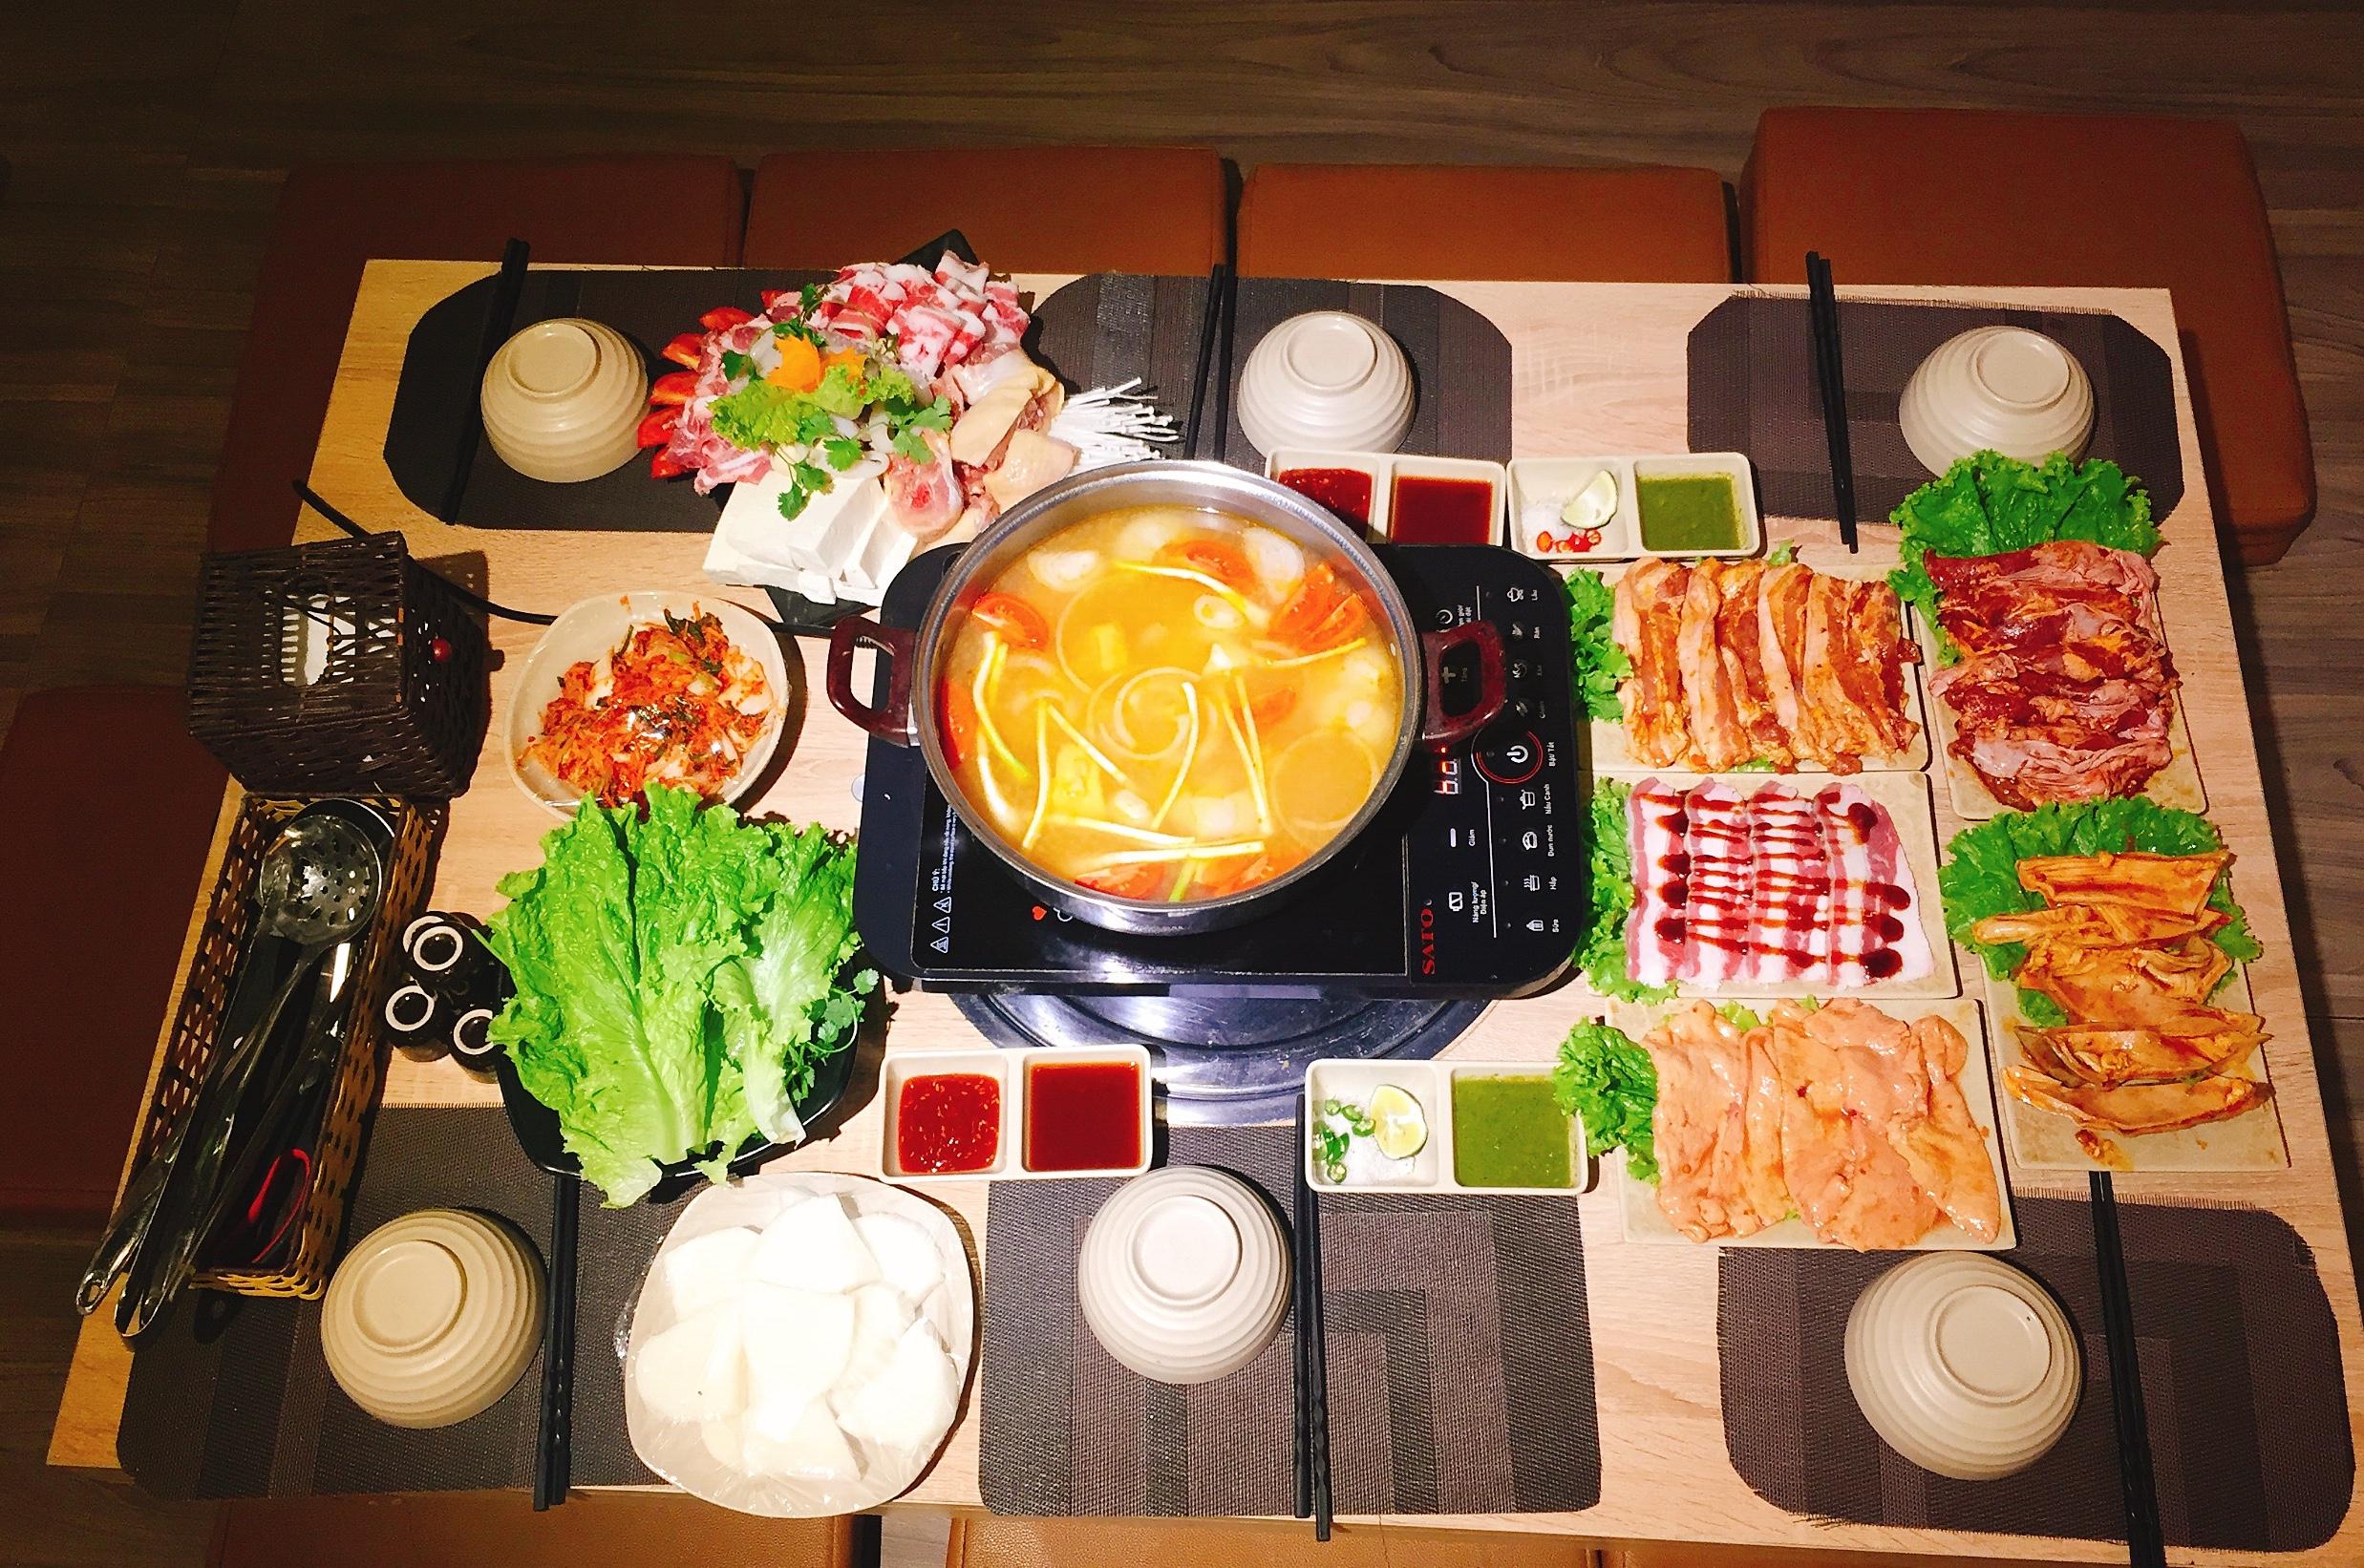 Lẩu, nướng Hàn Quốc Ken BBQ nổi tiếng tại Mộc Châu